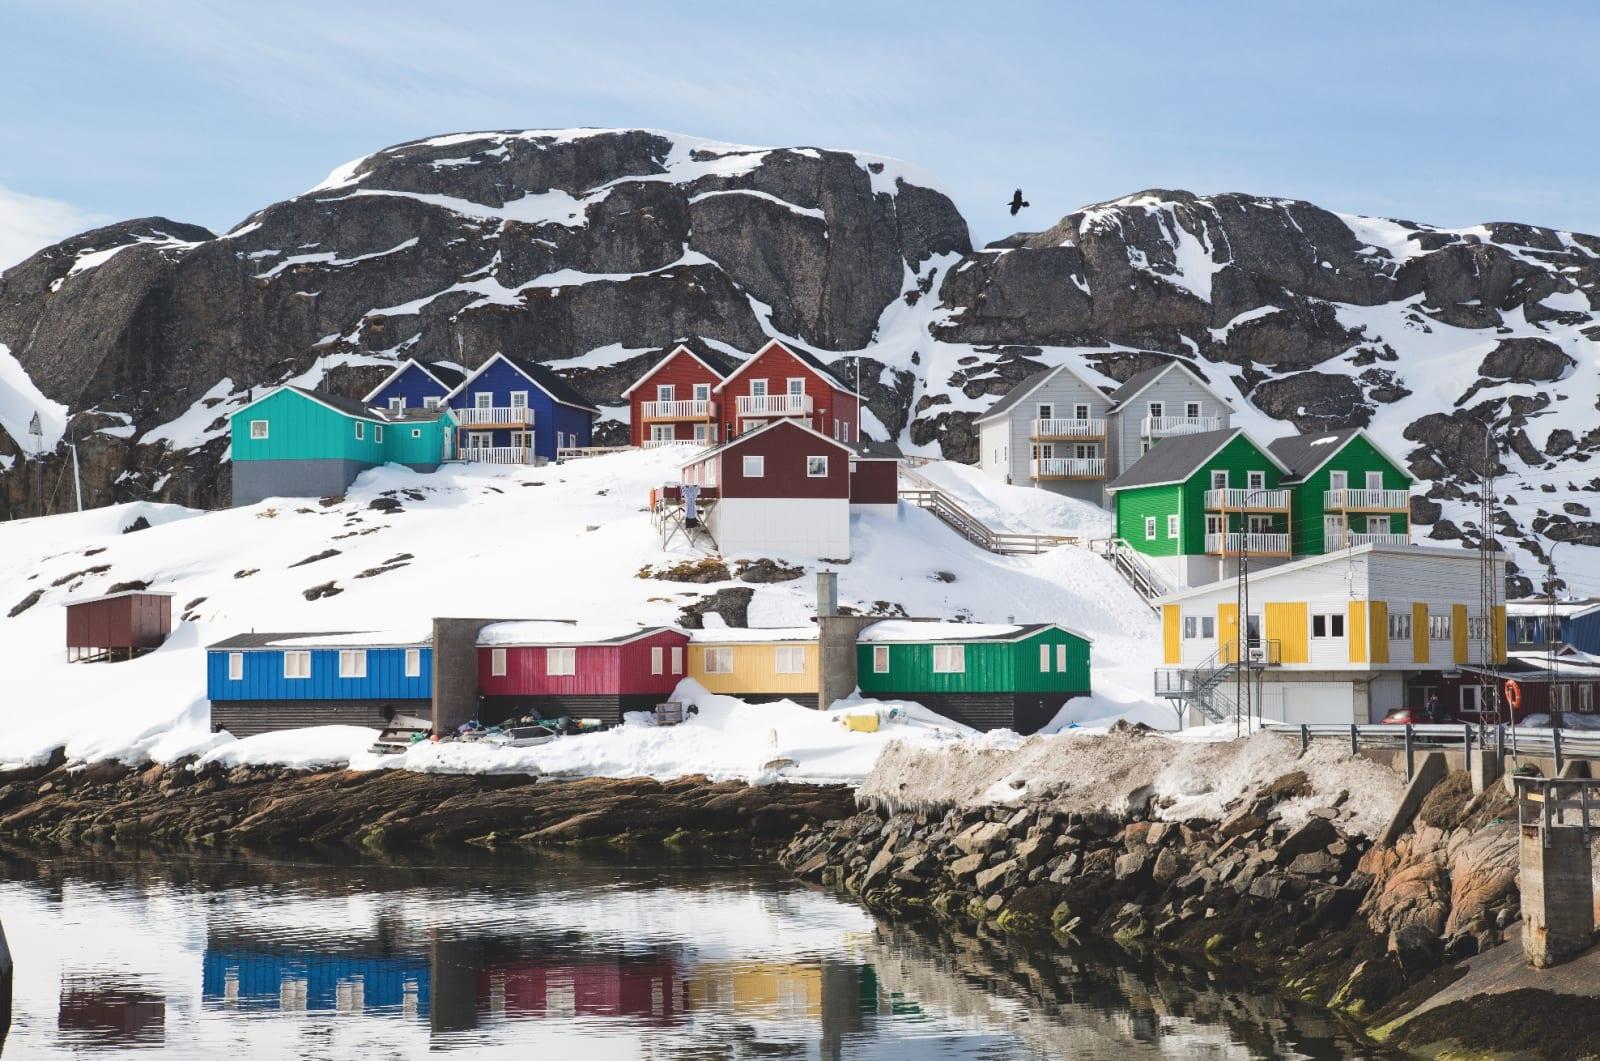 SOM LÖSGODIS: Ulike størrelser, ulike farger. Husene sjarmerer i et karrig landskap.